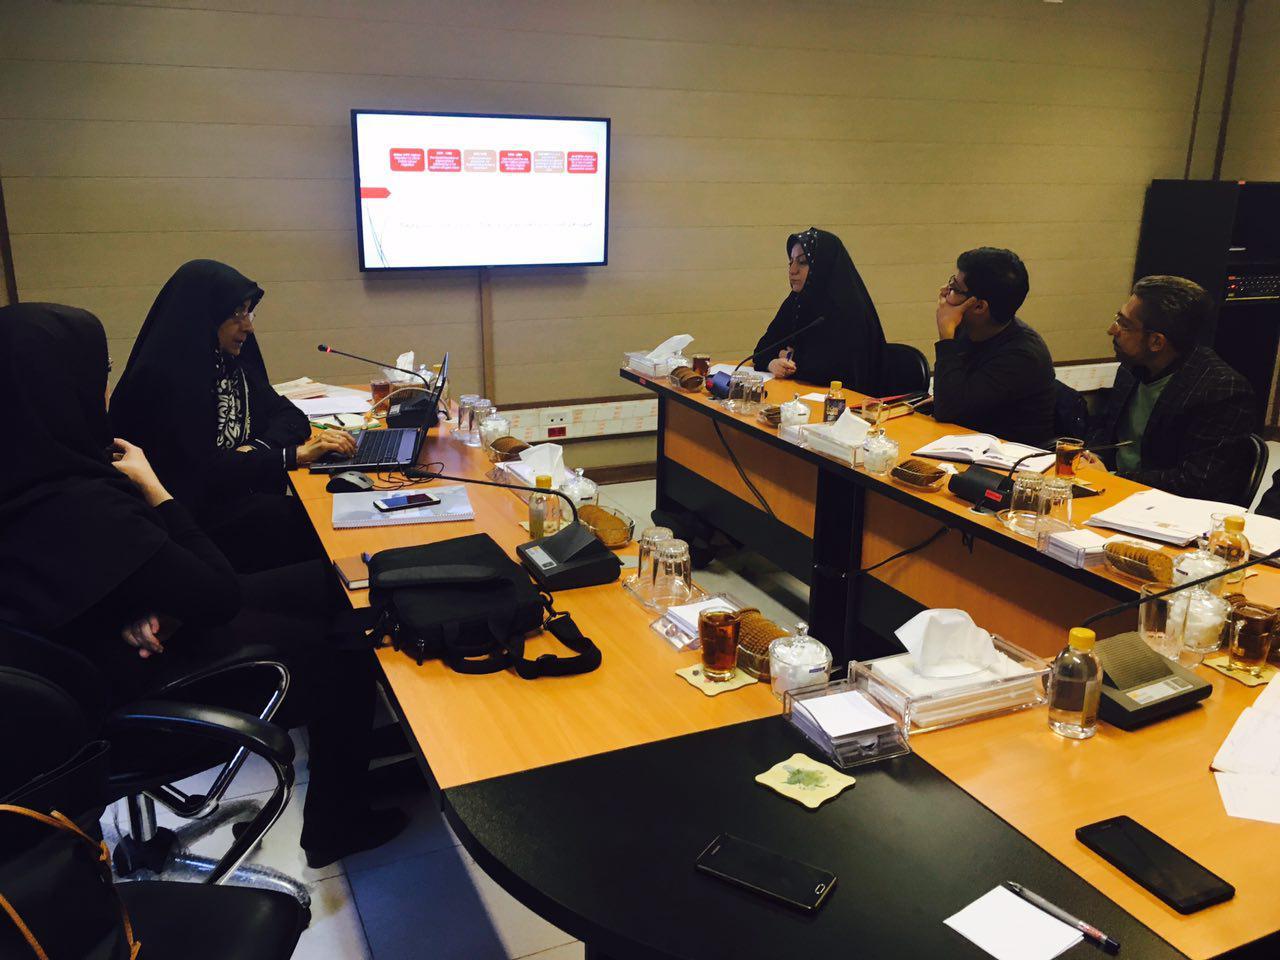 جلسه تخصصی انجمن حامی با مرکز پژوهش های مجلس شورای اسلامی در خصوص «بی تابعیتی»